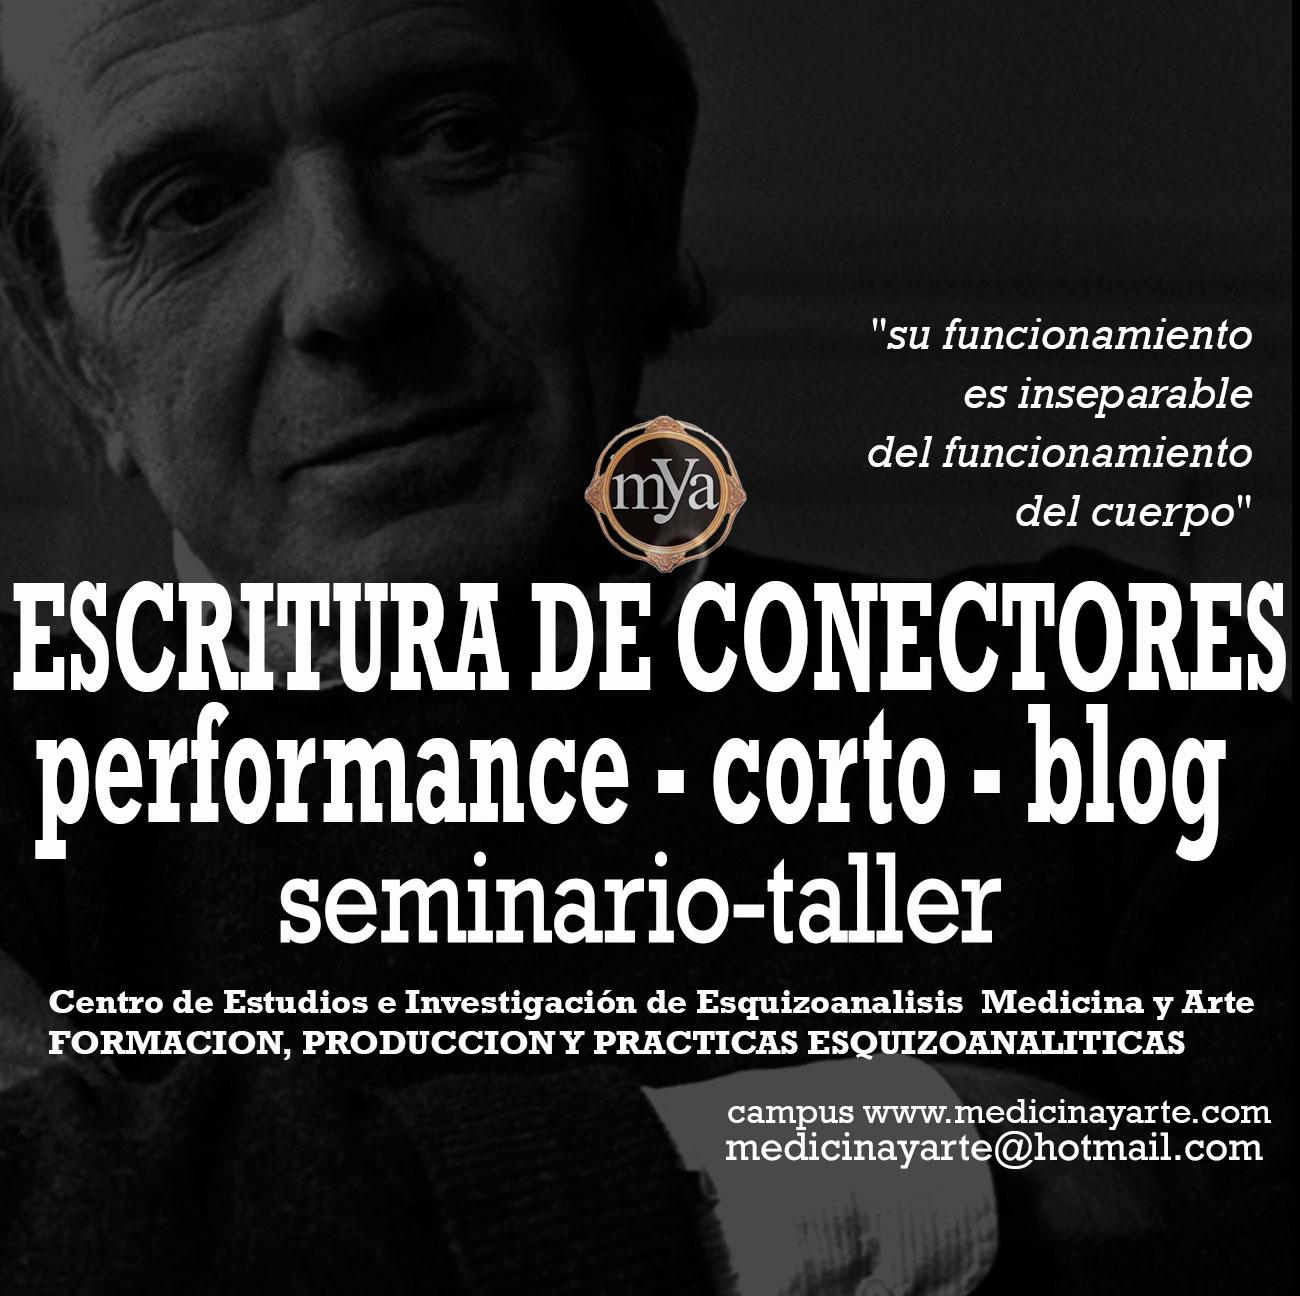 http://medicinayarte.com/img/blog-tallerv5.jpg